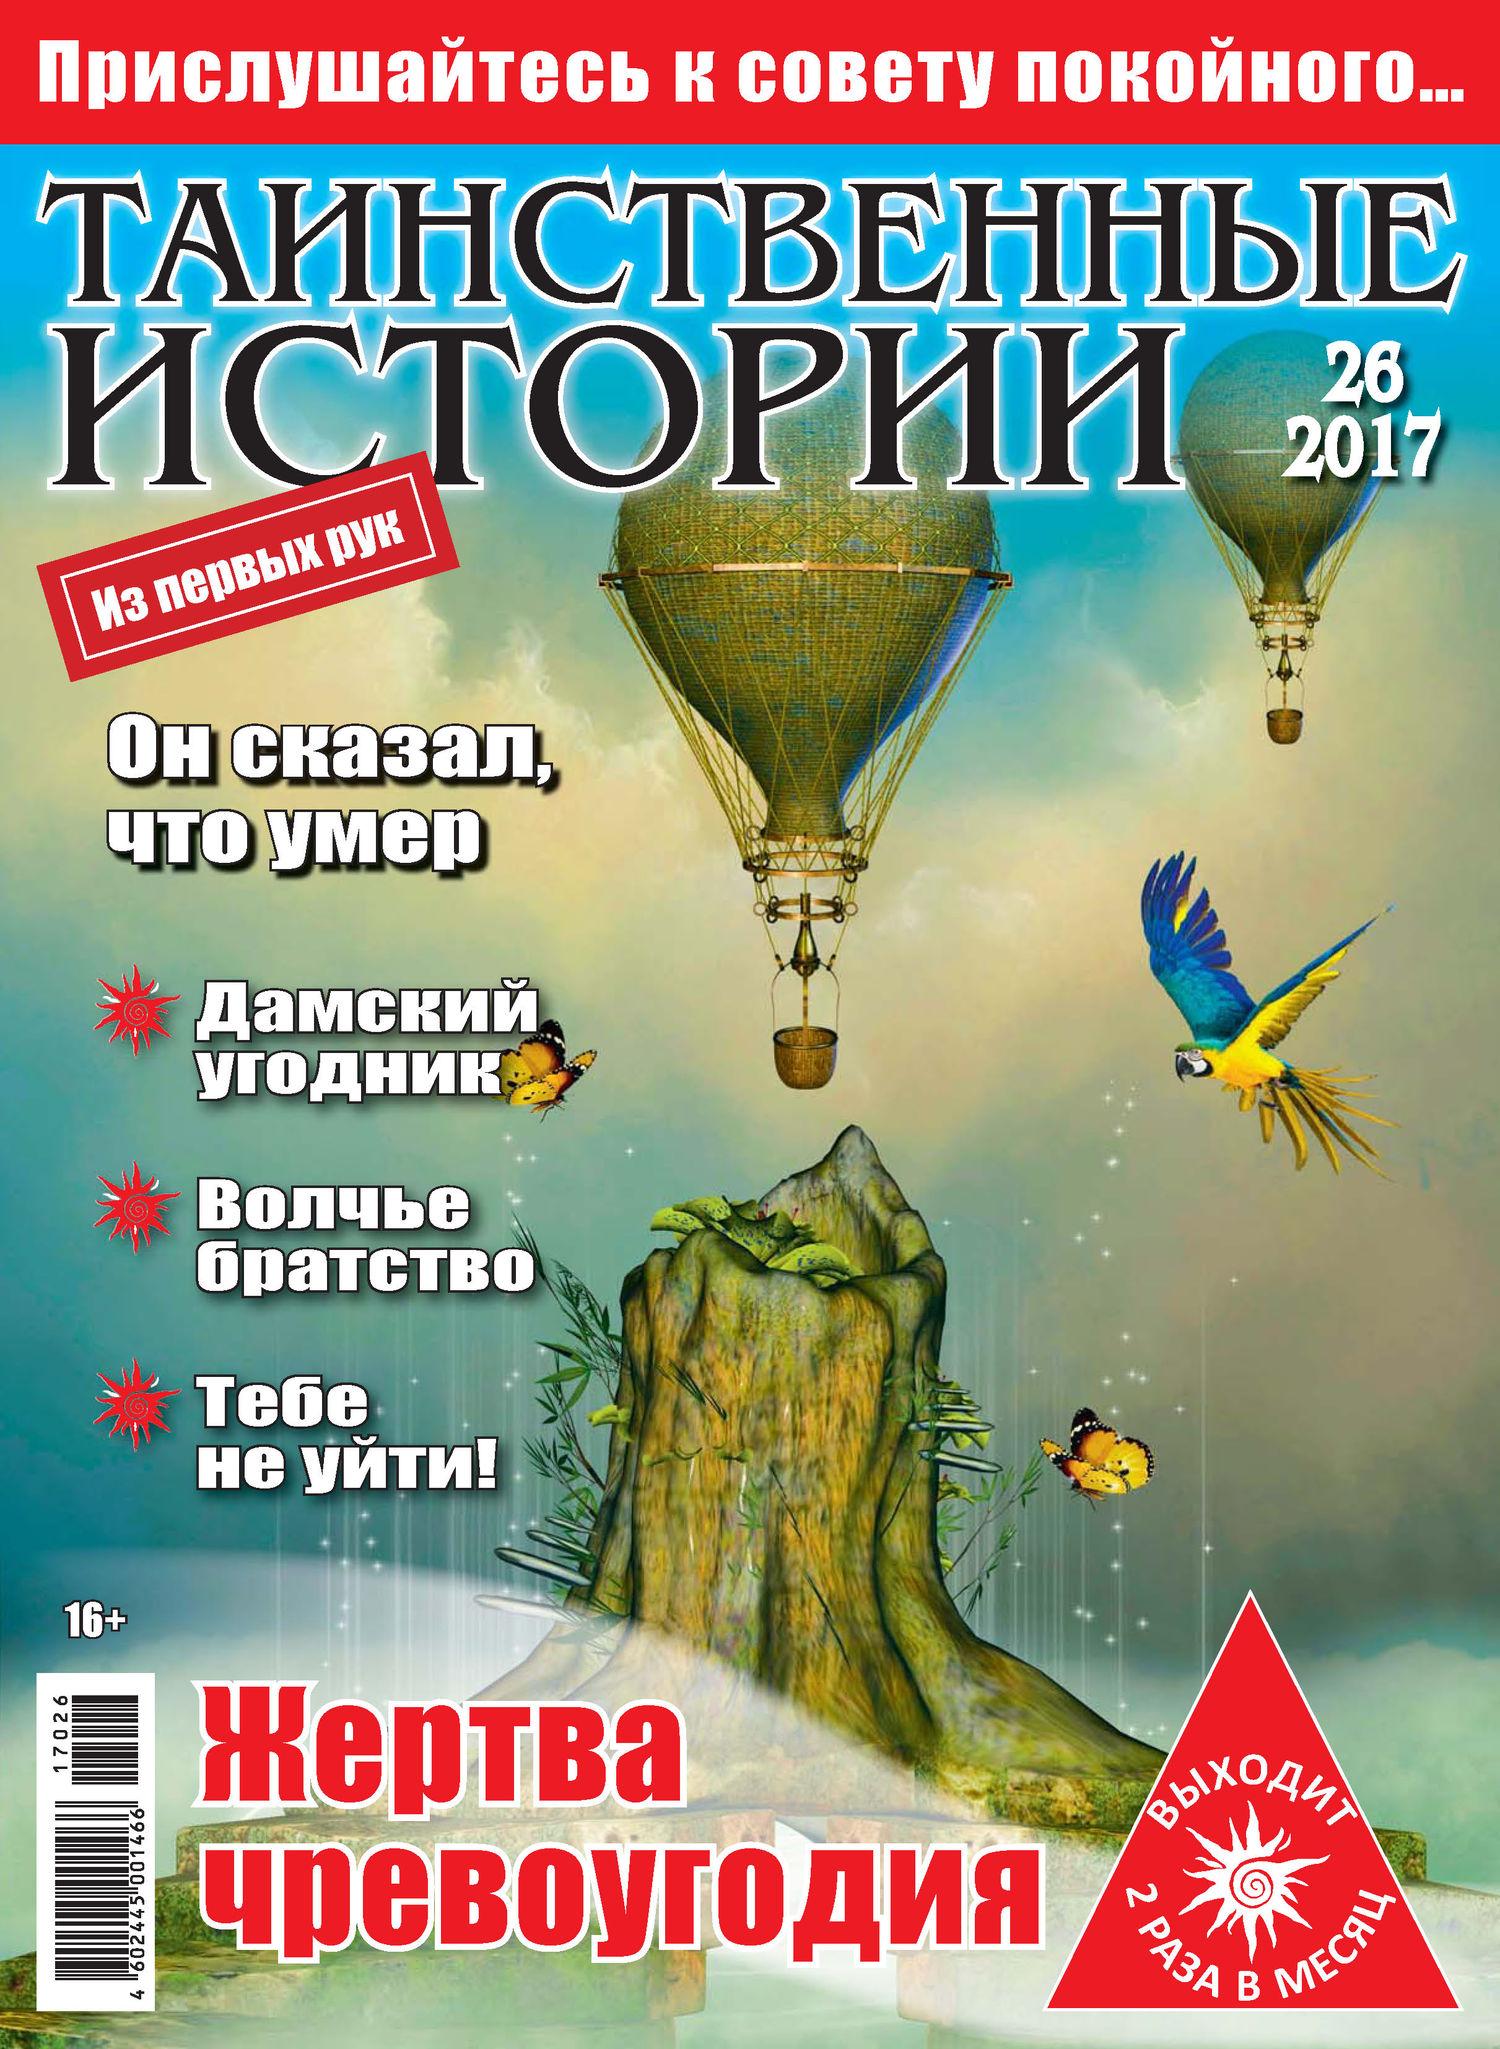 Отсутствует Таинственные истории №26/2017 ольга лисенкова девочка которой небыло мистические истории